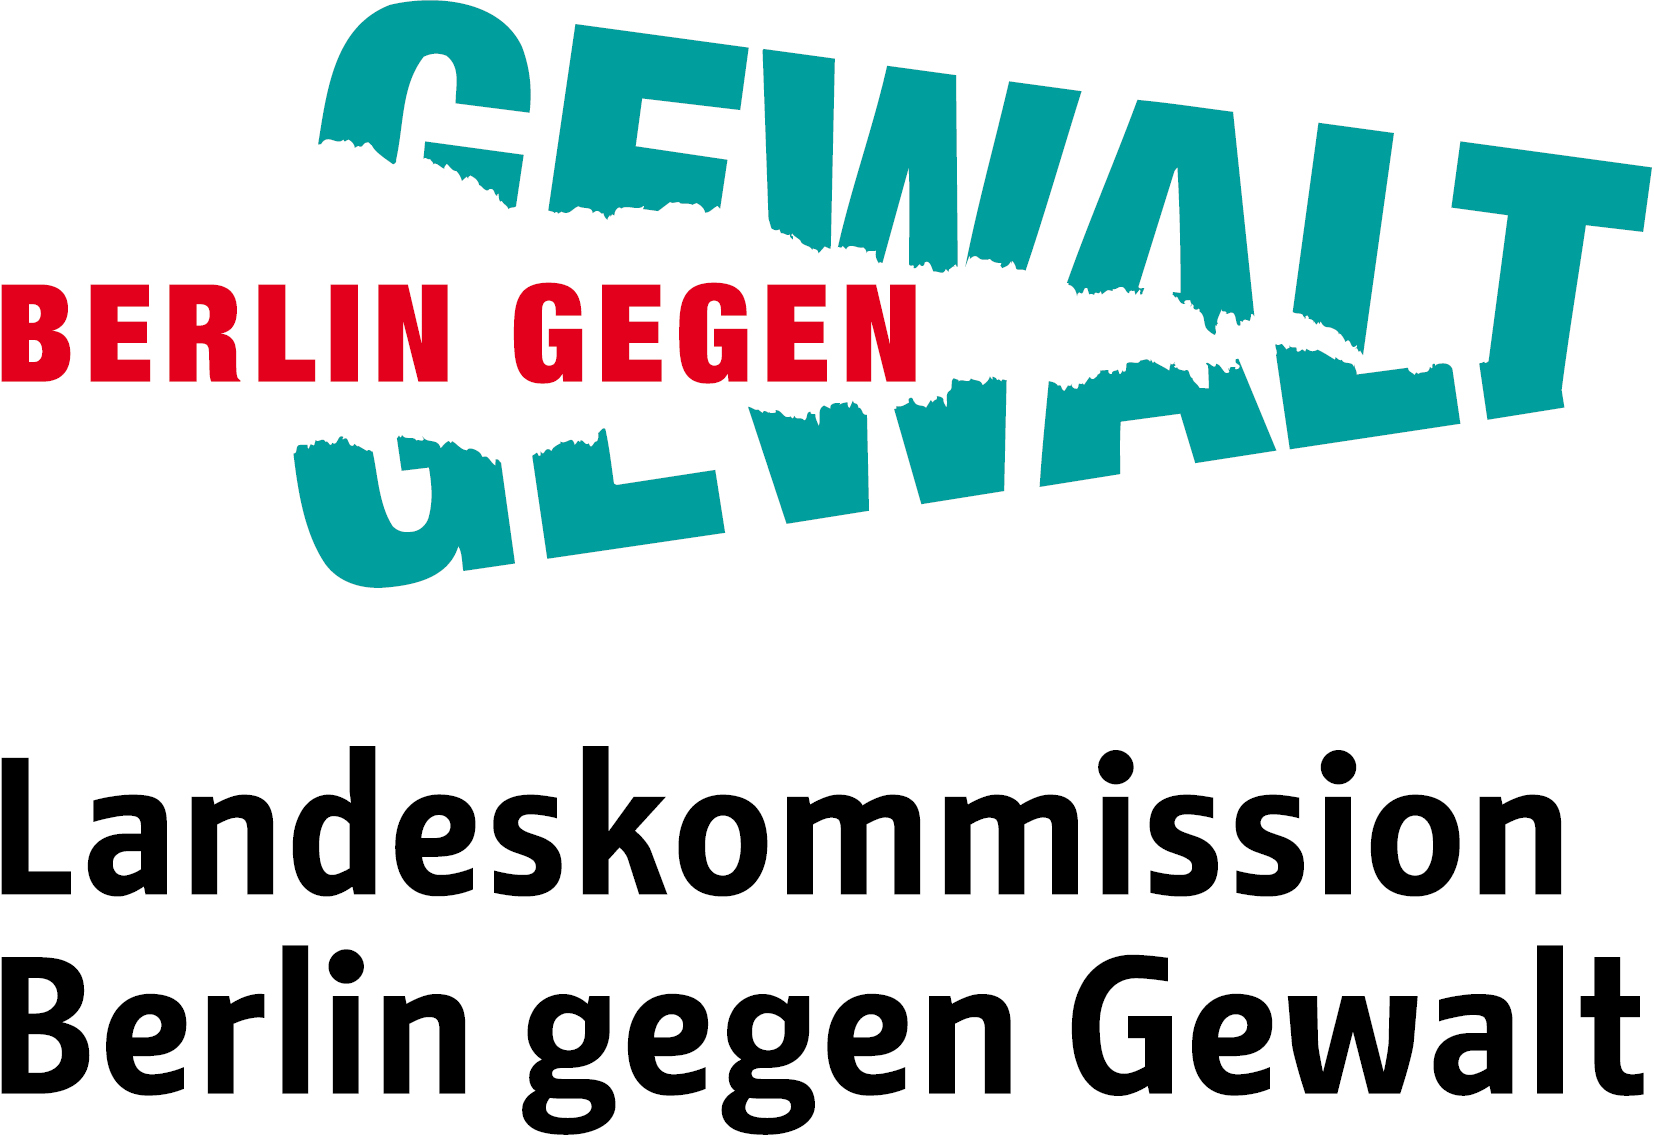 Gefördert von der Landeskommission Berlin gegen Gewalt